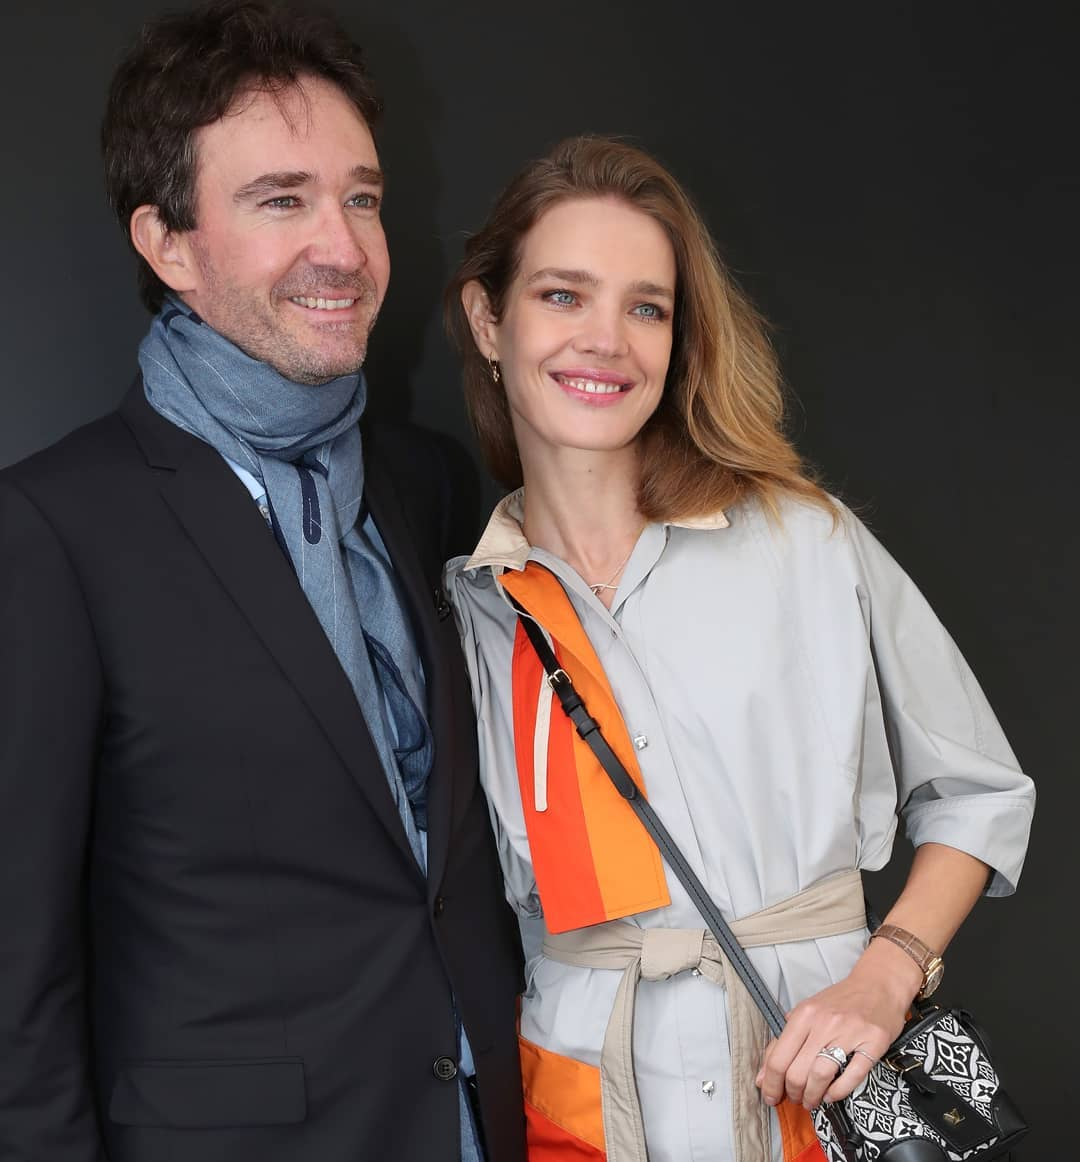 Vợ chồng Thái tử Louis Vuitton chiếm sóng trong show thời trang, sao Việt có vé mời nhưng phải ngậm ngùi xem show qua live stream  - Ảnh 2.